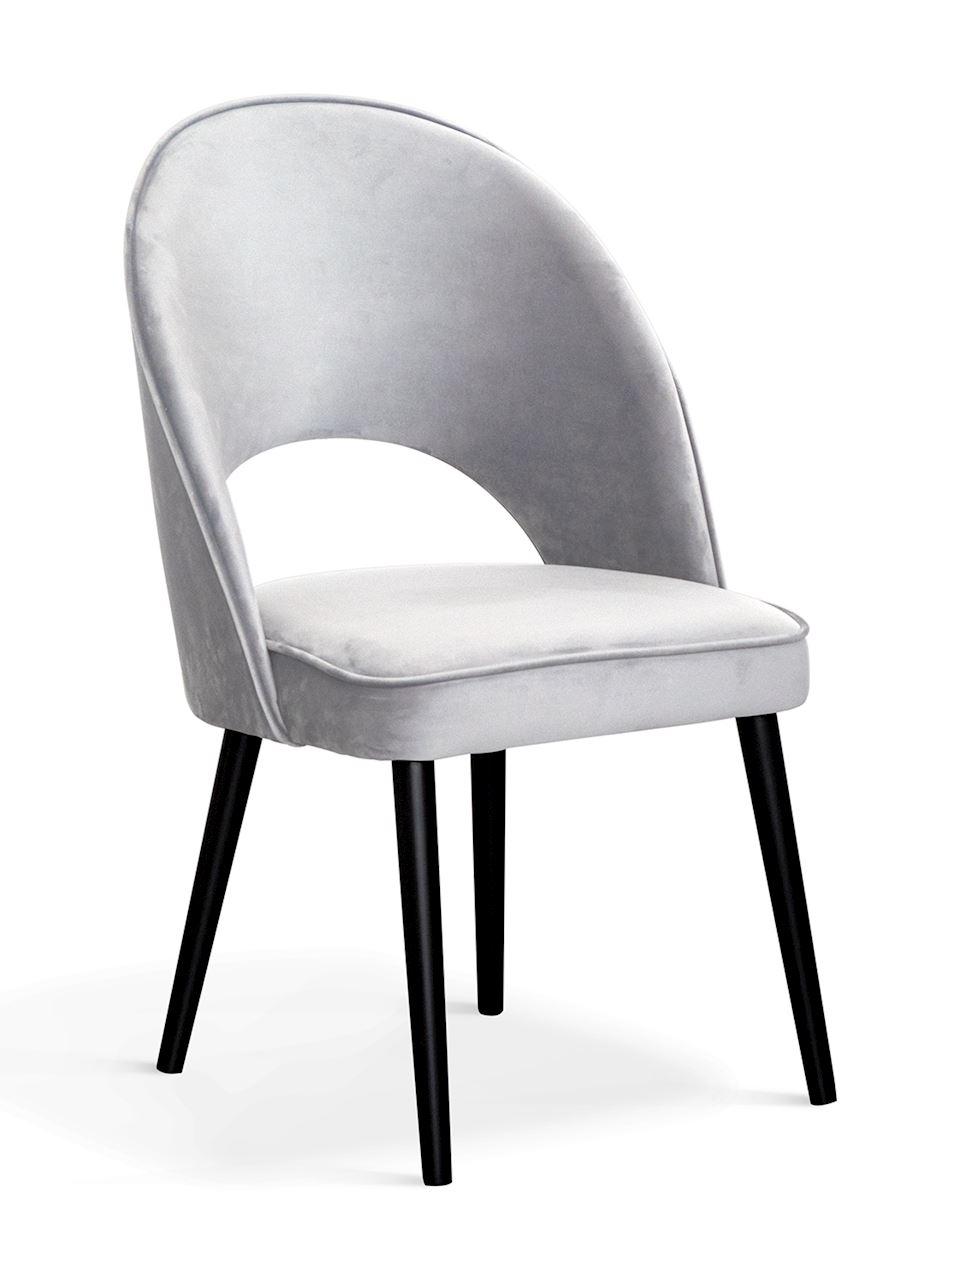 Scaun tapitat cu stofa, cu picioare din lemn Ponte II Argintiu / Negru, l54xA63xH89 cm